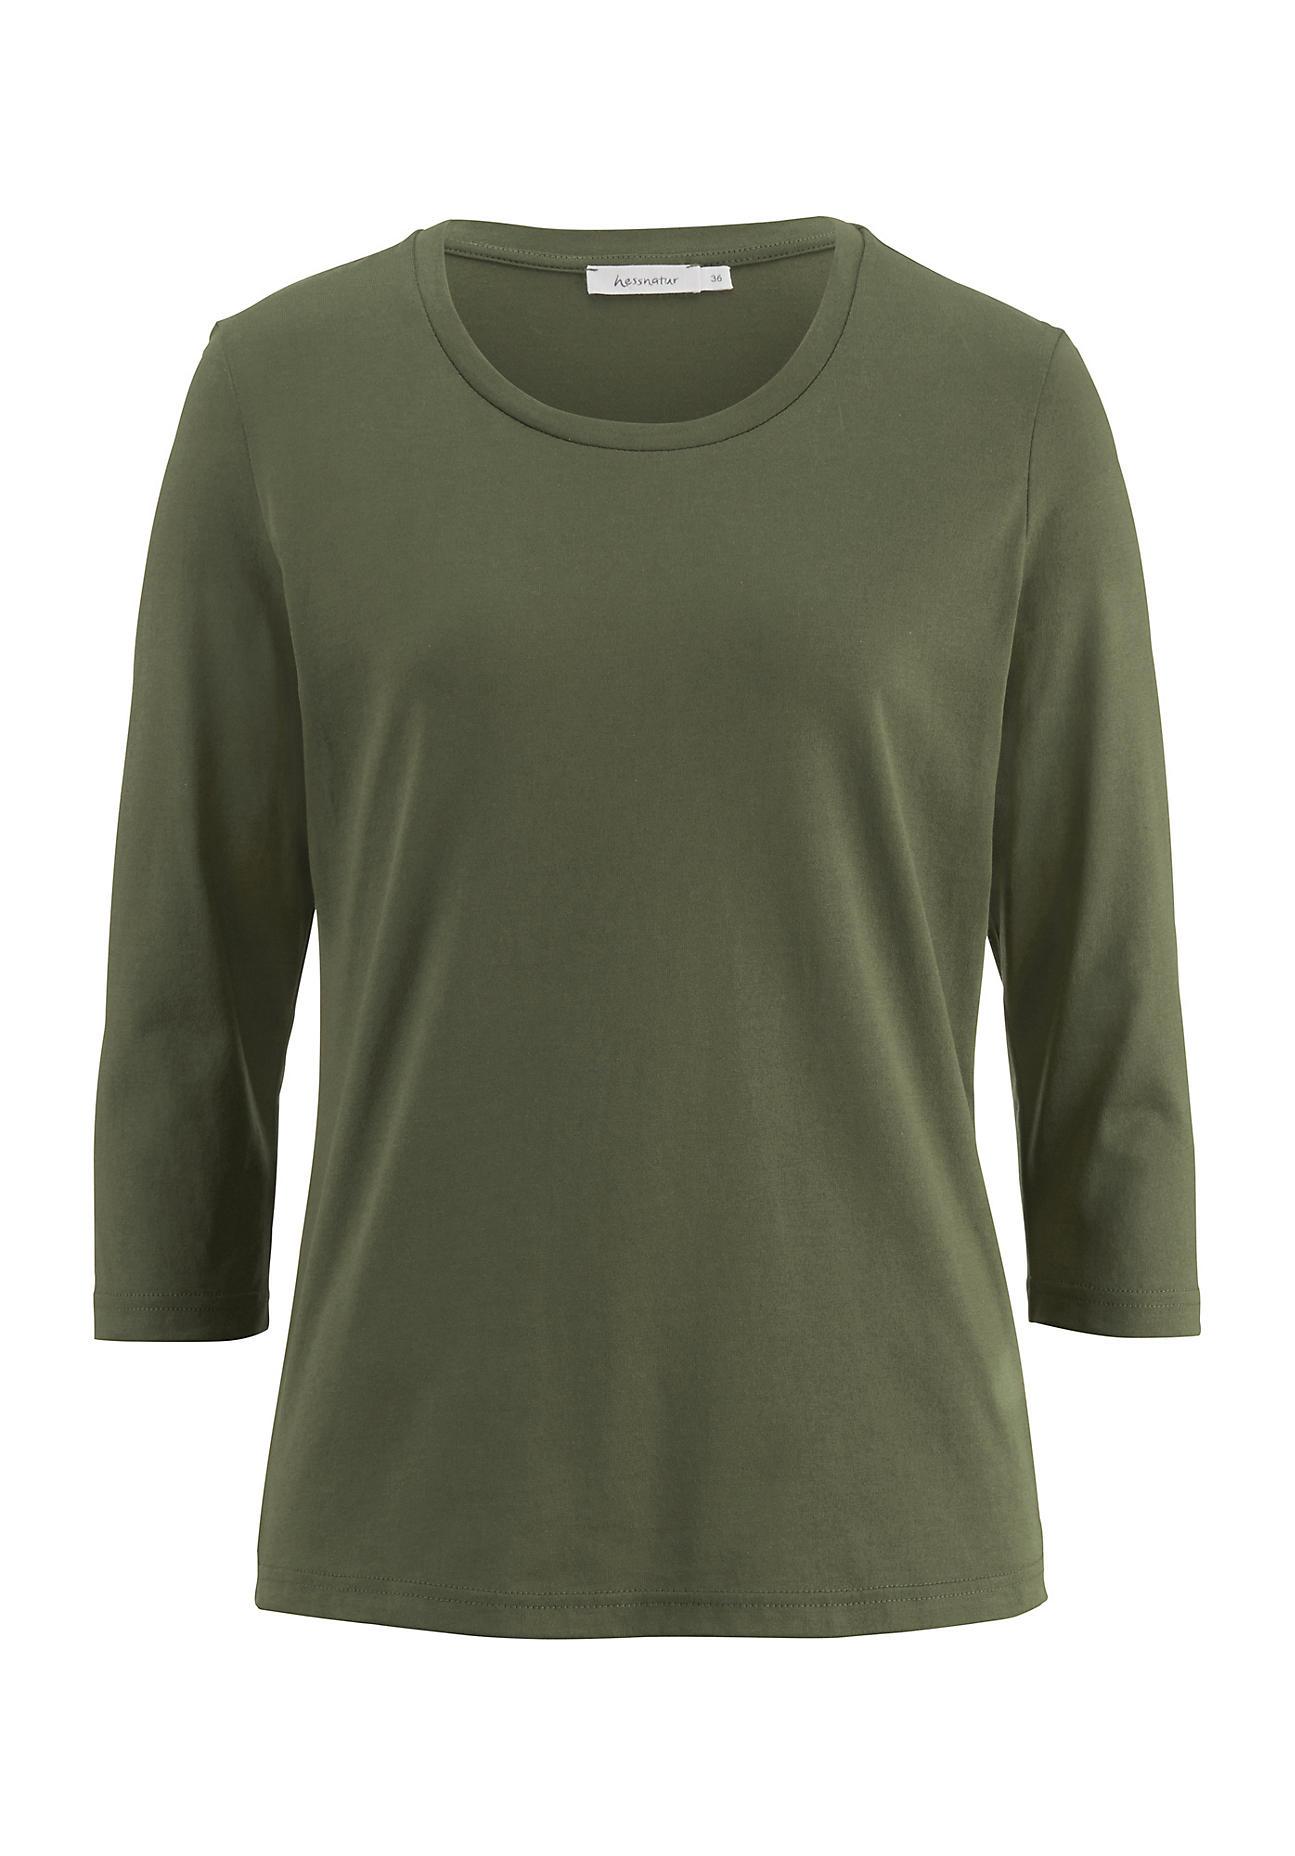 hessnatur -  Damen Shirt aus Bio-Baumwolle – grün – Größe 44